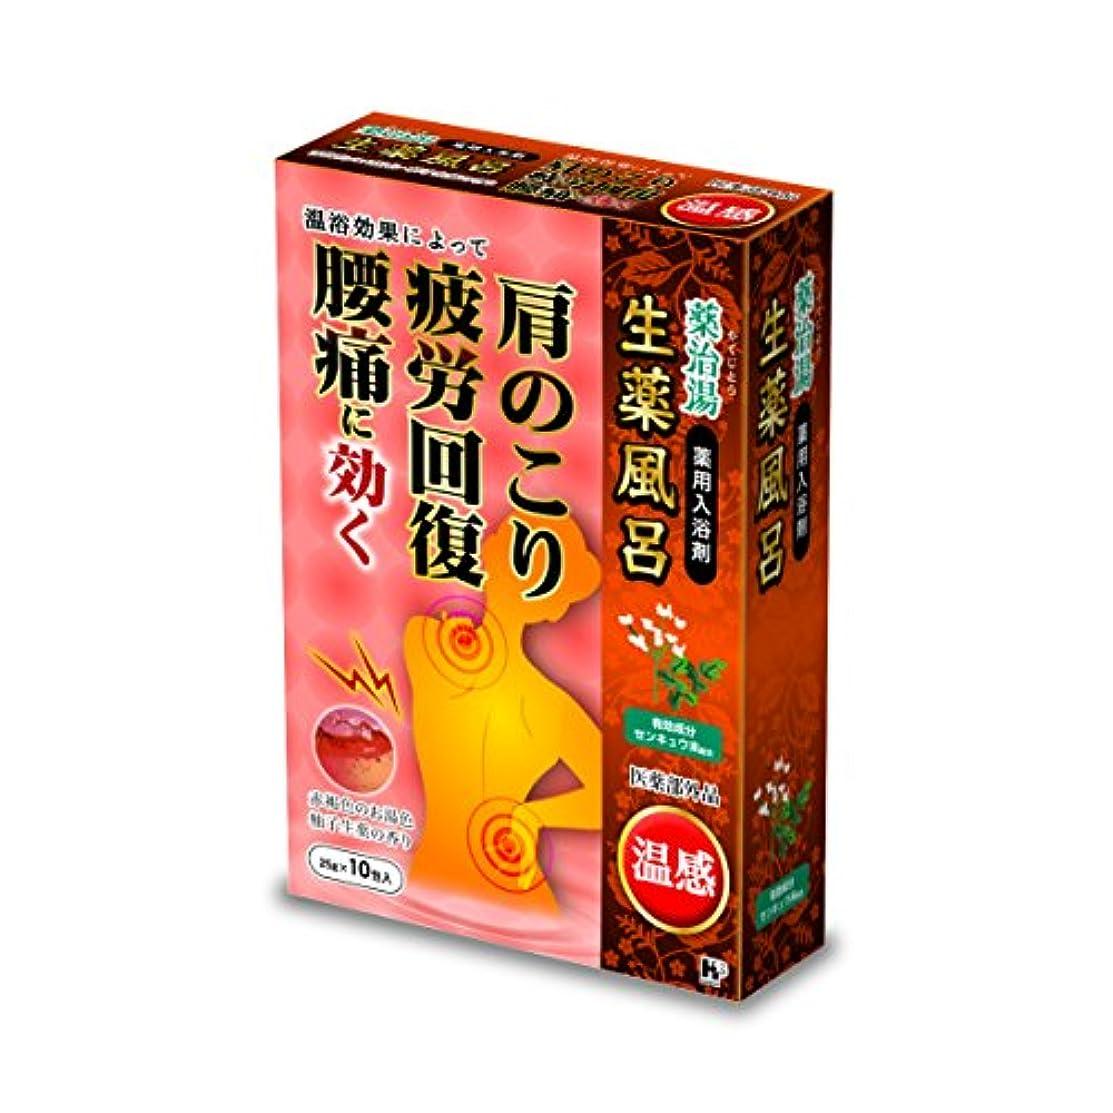 冷淡な細心のスイッチ薬治湯温感 柚子生薬の香り